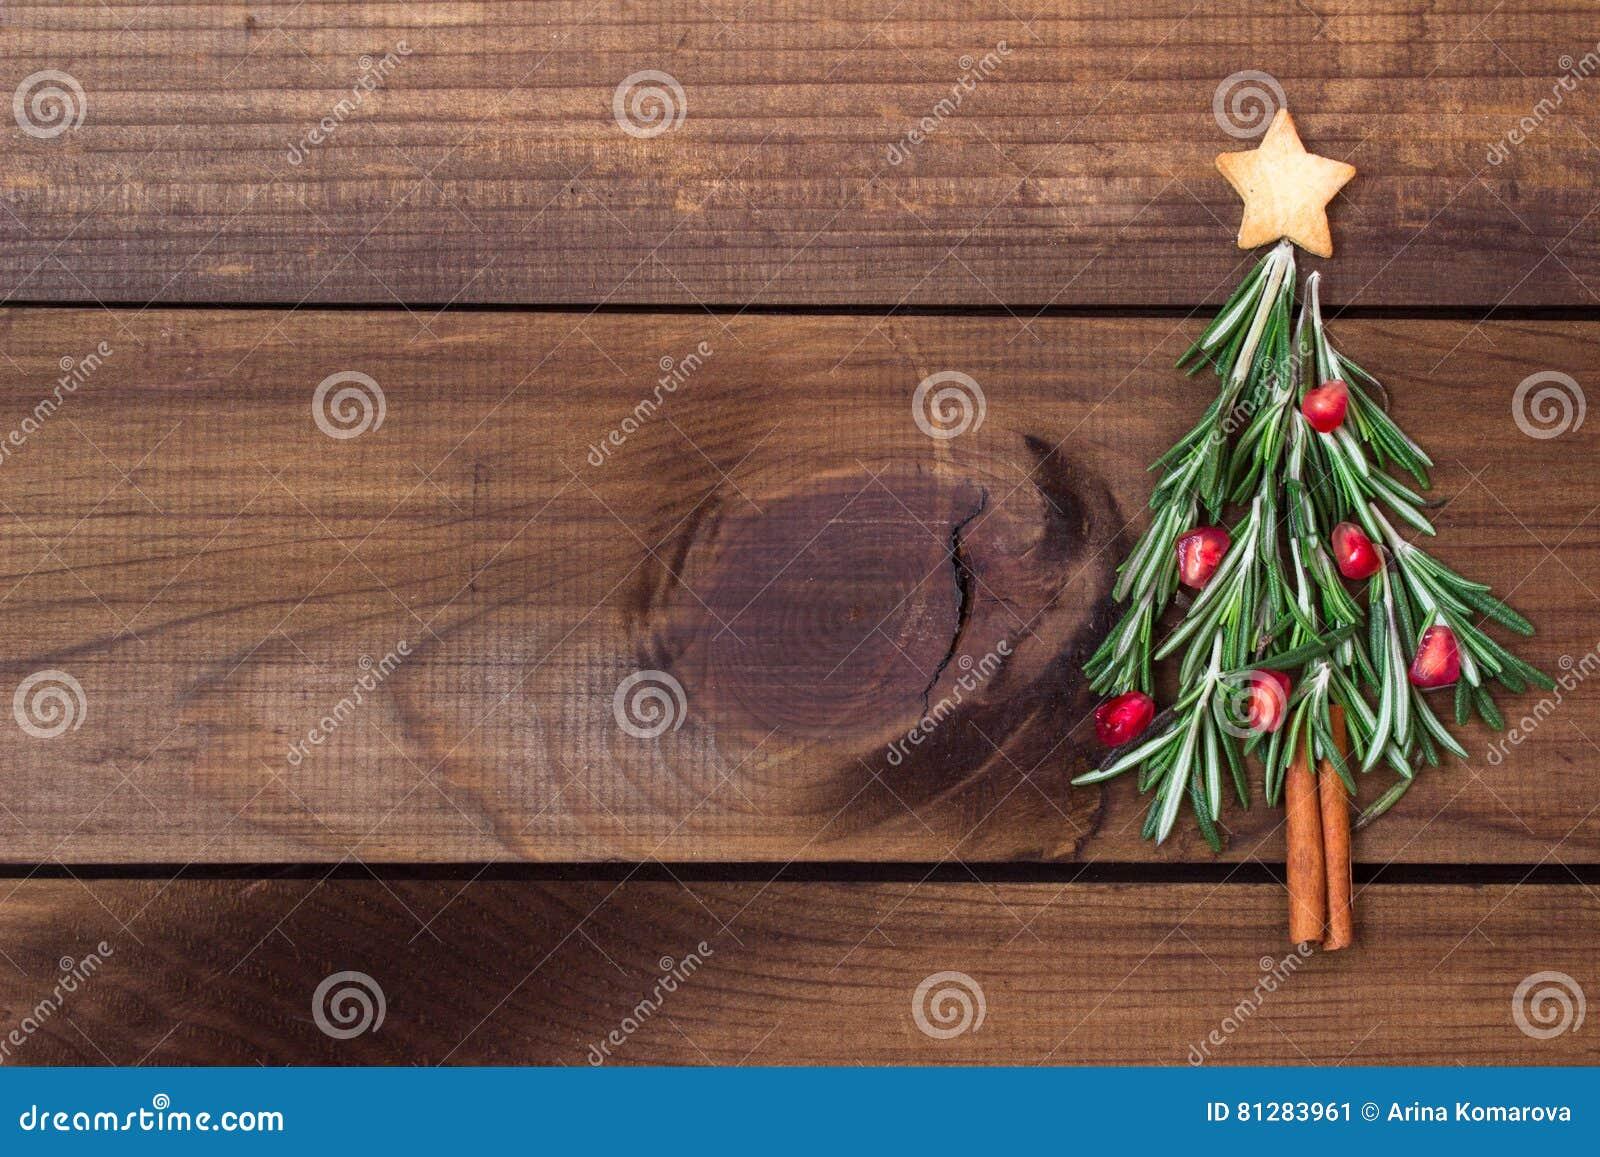 Albero Di Natale Fatto Con I Biscotti.Albero Di Natale Fatto Dei Rosmarini E Del Melograno Con Il Biscotto